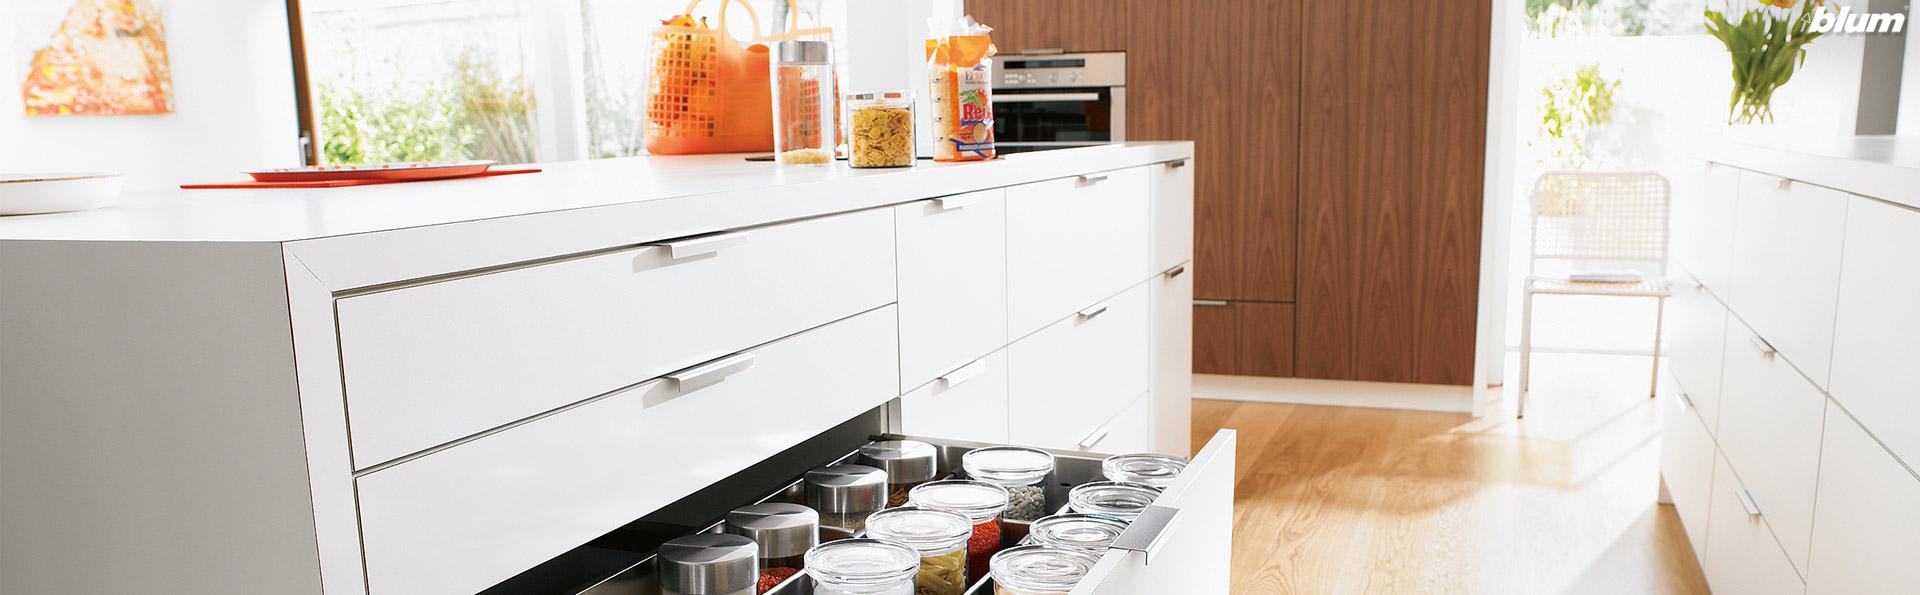 kuchenmobel von hoffner : ma?gefertigte k?chenm?bel von achimer werkst?tten